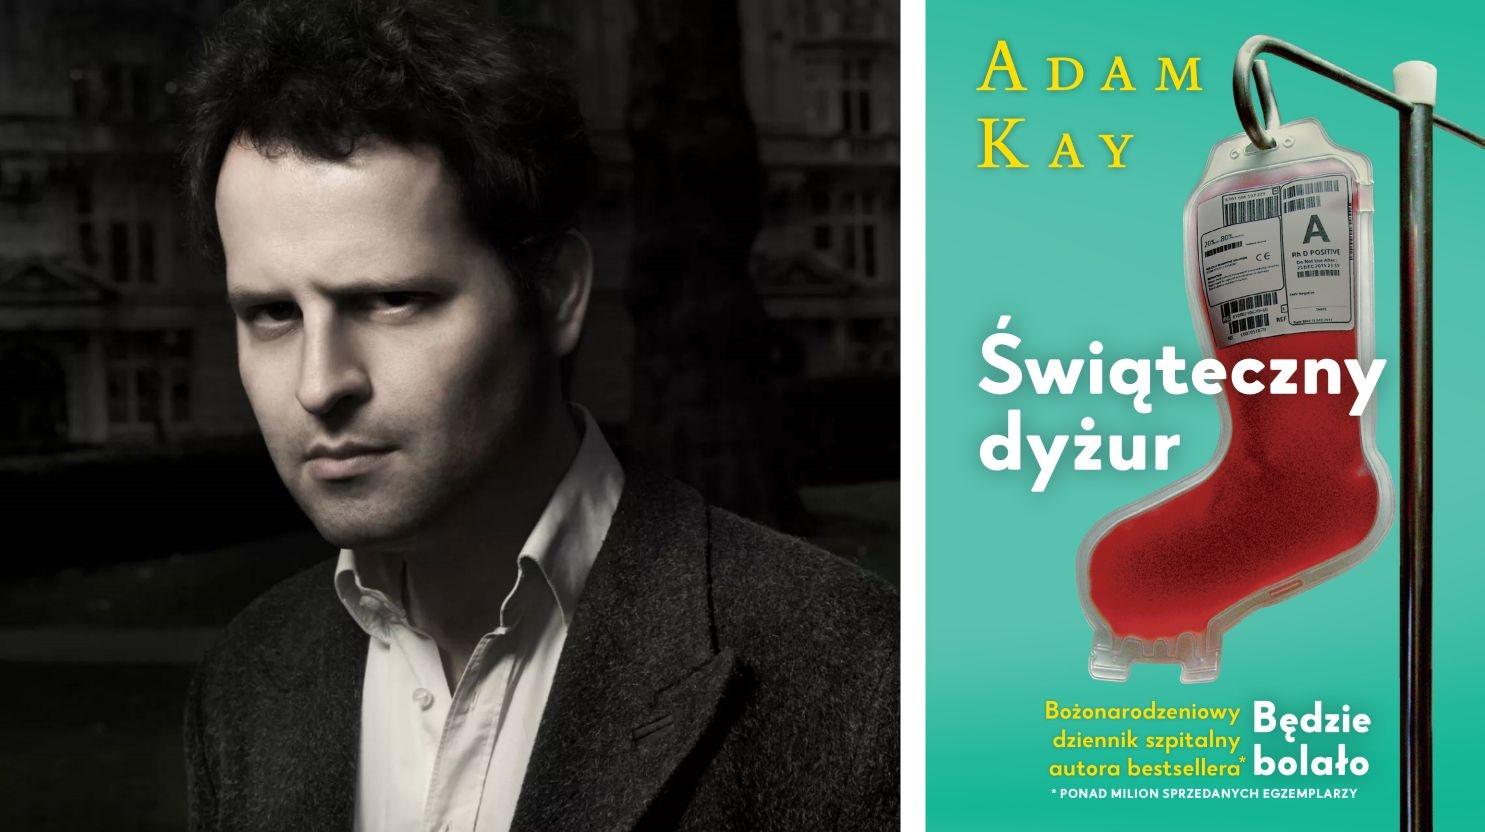 Książka Adama Kaya ukazała się nakładem Wydawnictwa Insignis (mat. prasowe)